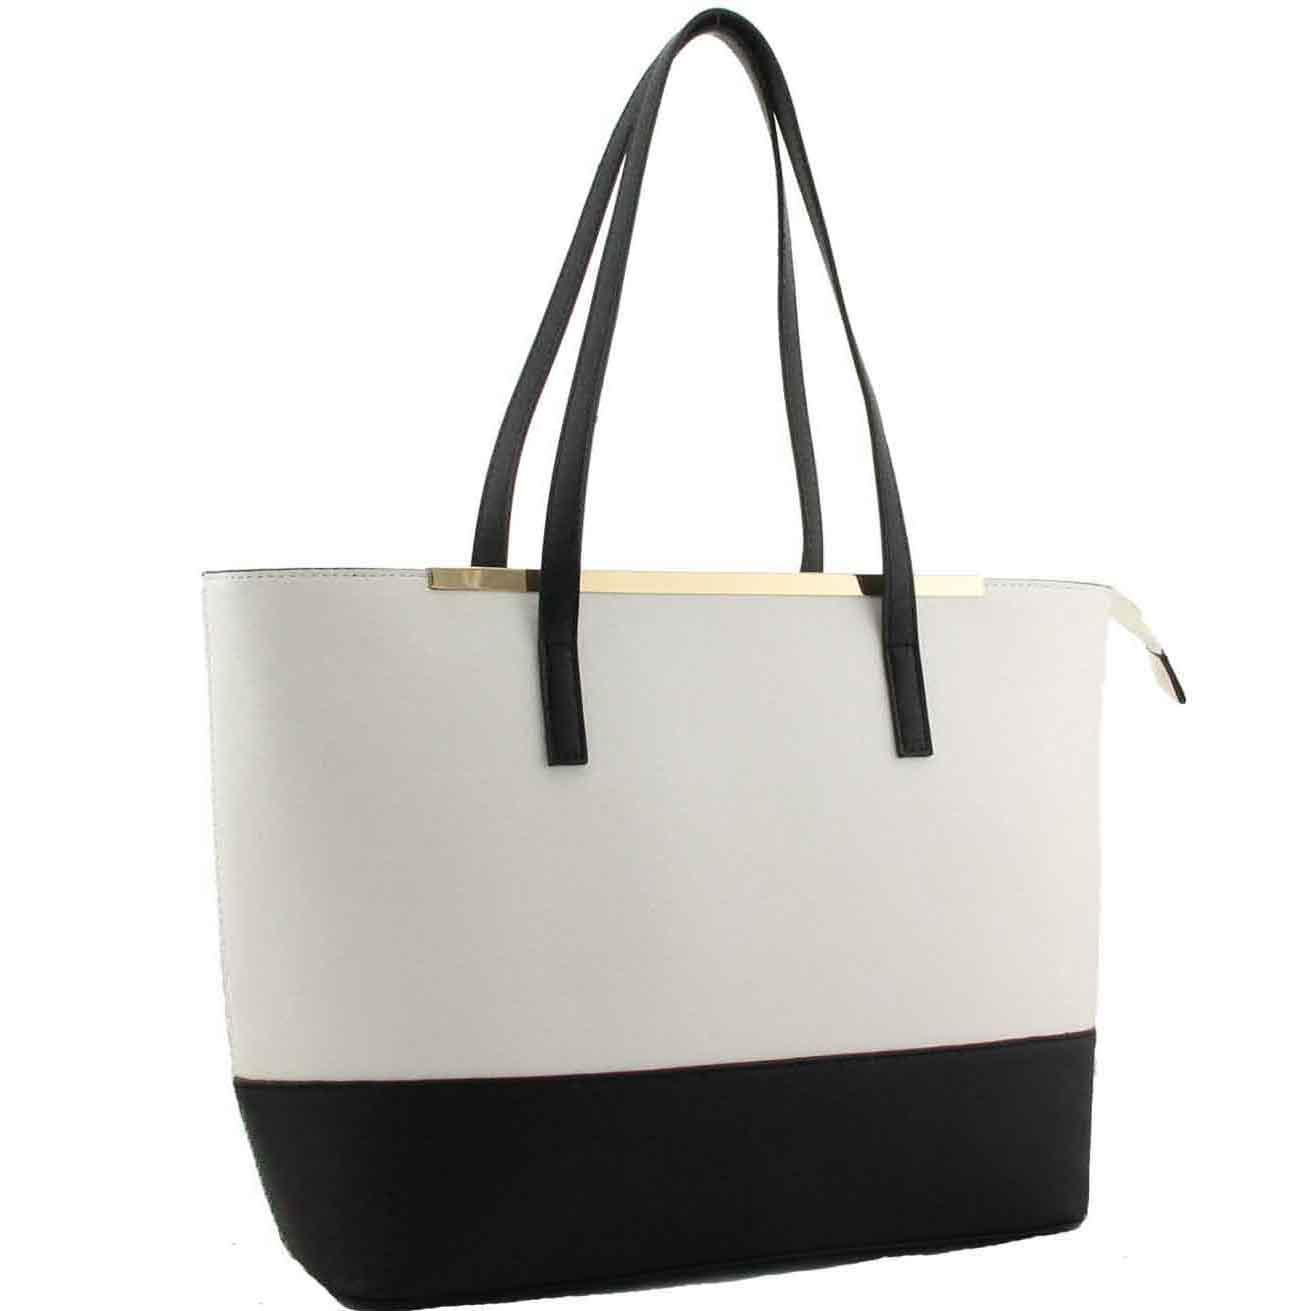 bd50279f7b29 White Tote Bag Luxury Fashion Handbags - www.bagzone.co.uk